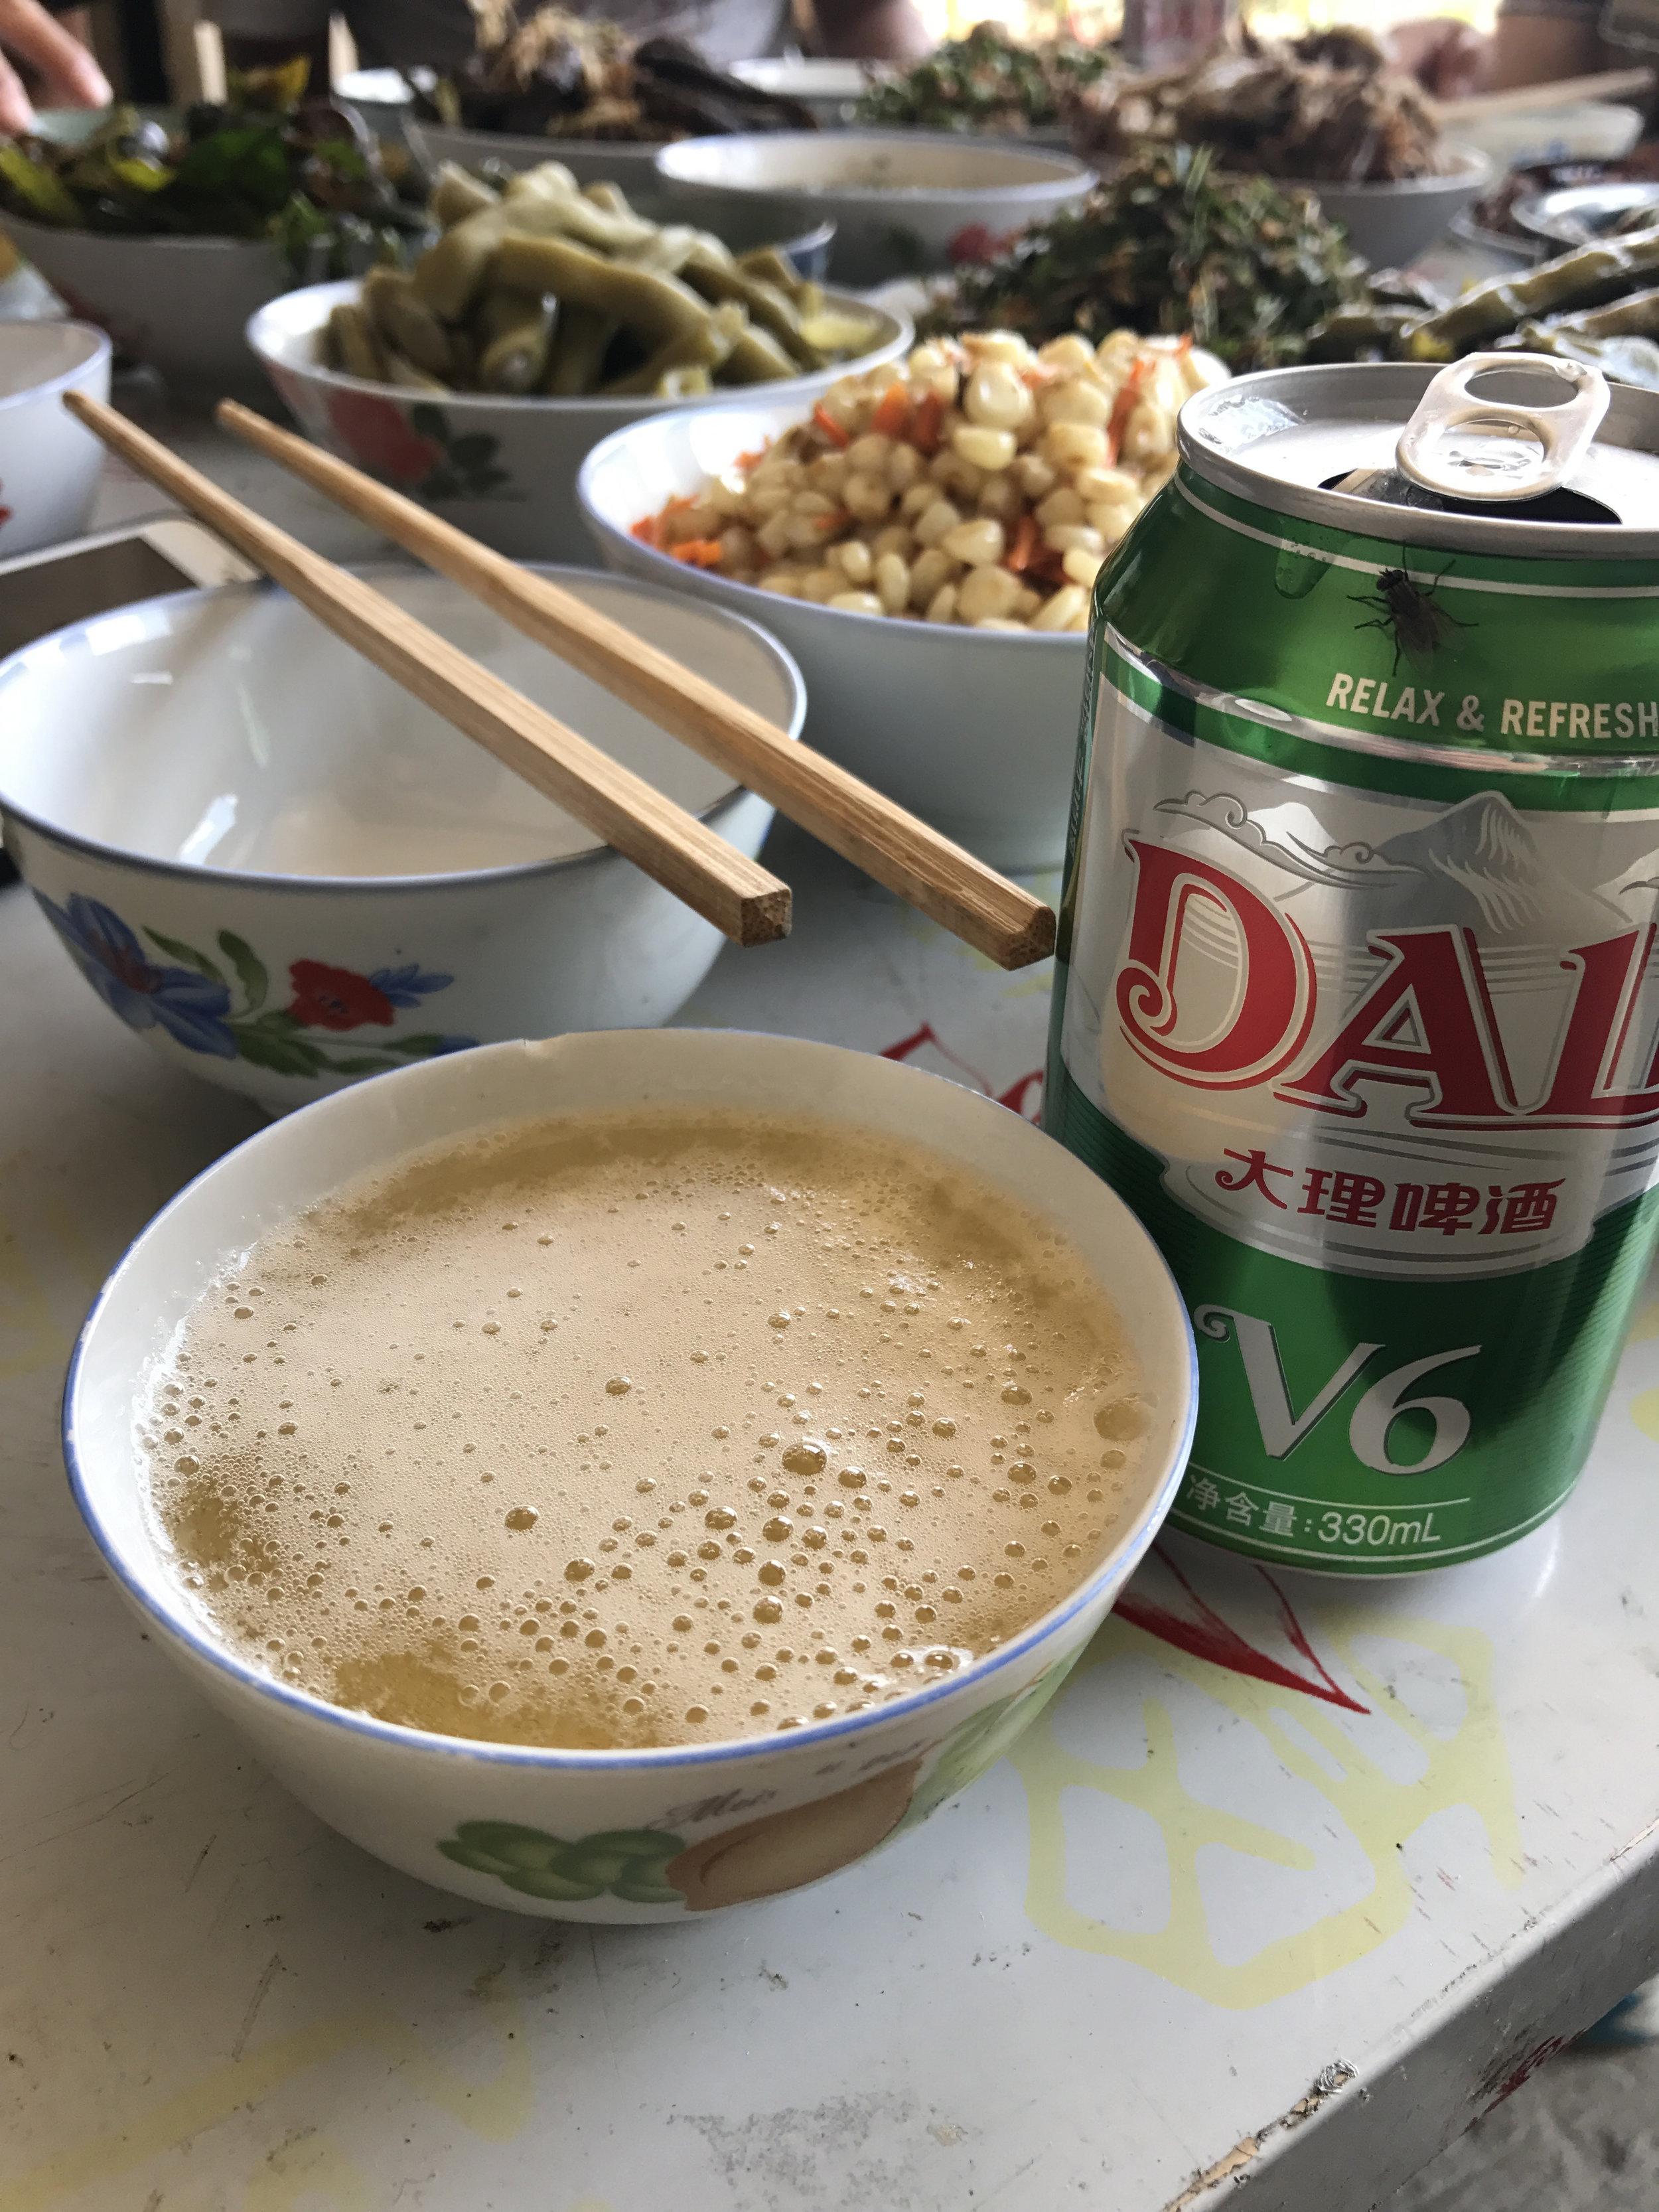 Bowls of beer in Dayangjie.